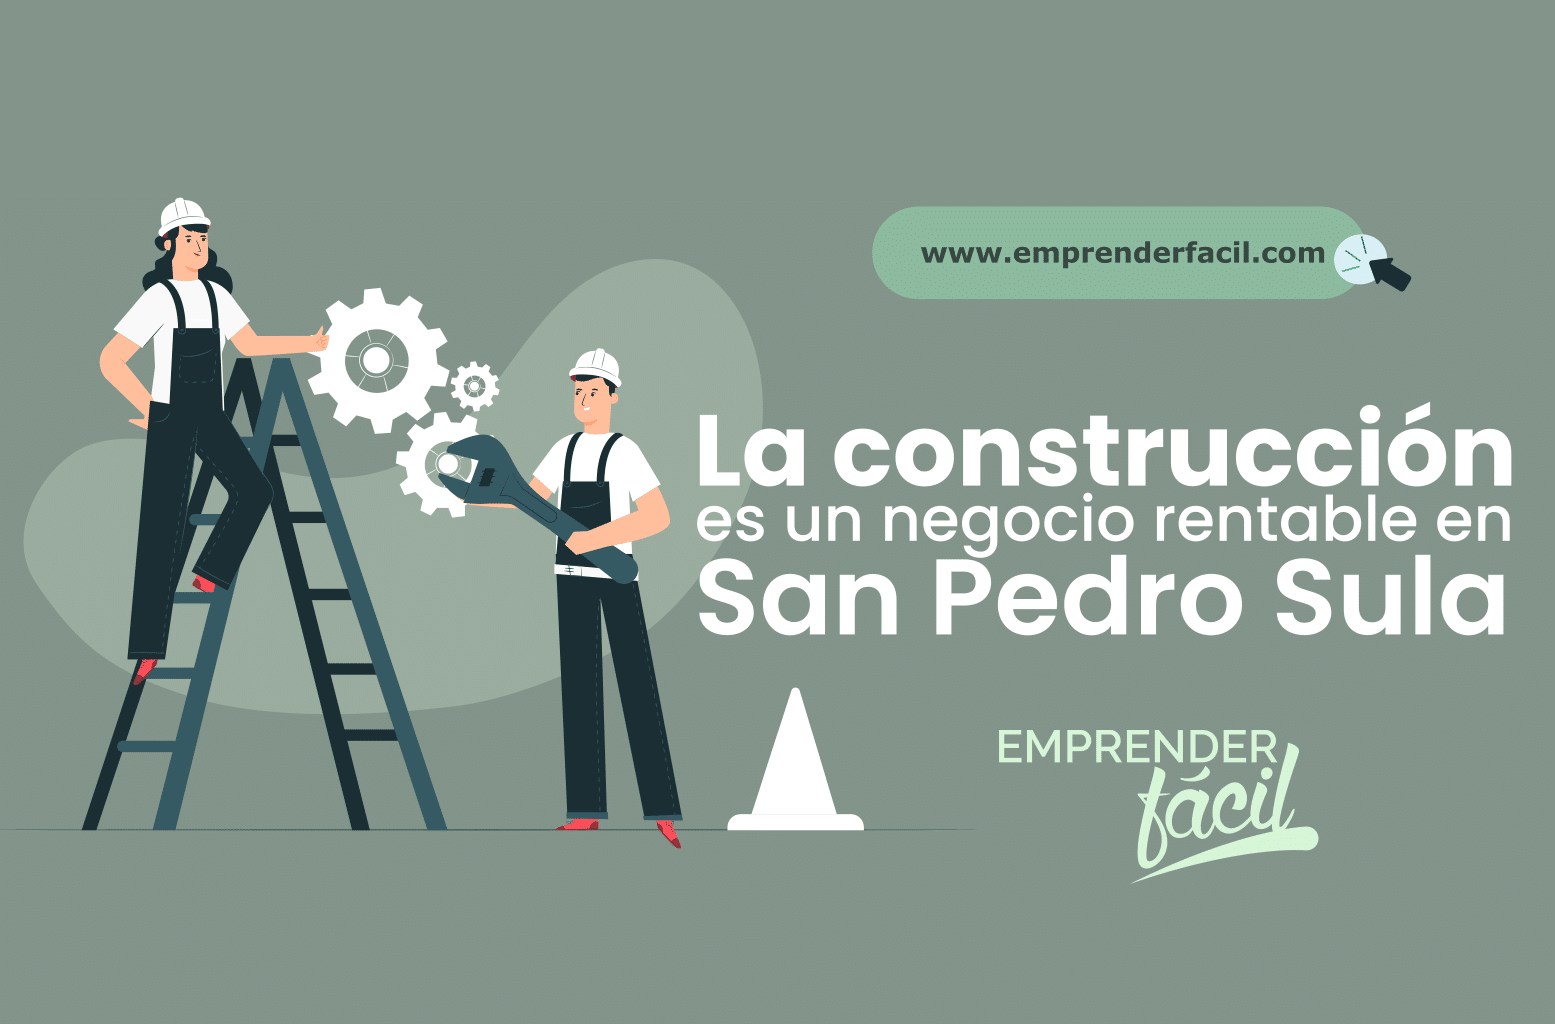 La construcción de viviendas es uno de los negocios rentables en San Pedro Sula